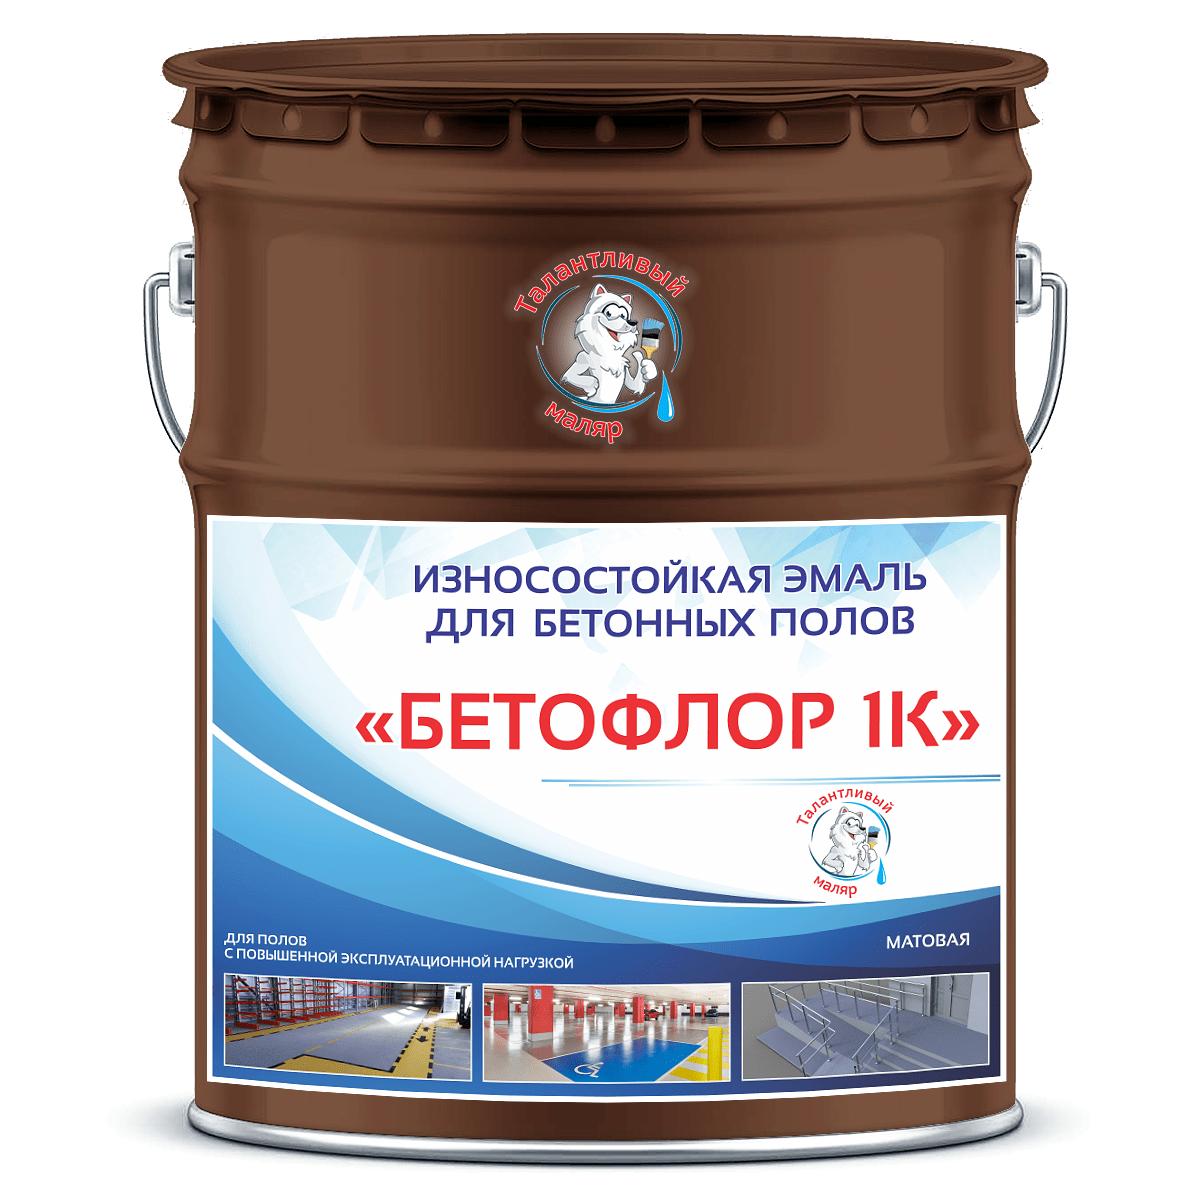 """Фото 13 - BF8017 Эмаль для бетонных полов """"Бетофлор"""" 1К цвет RAL 8017 Шоколадно-коричневый, матовая износостойкая, 25 кг """"Талантливый Маляр""""."""